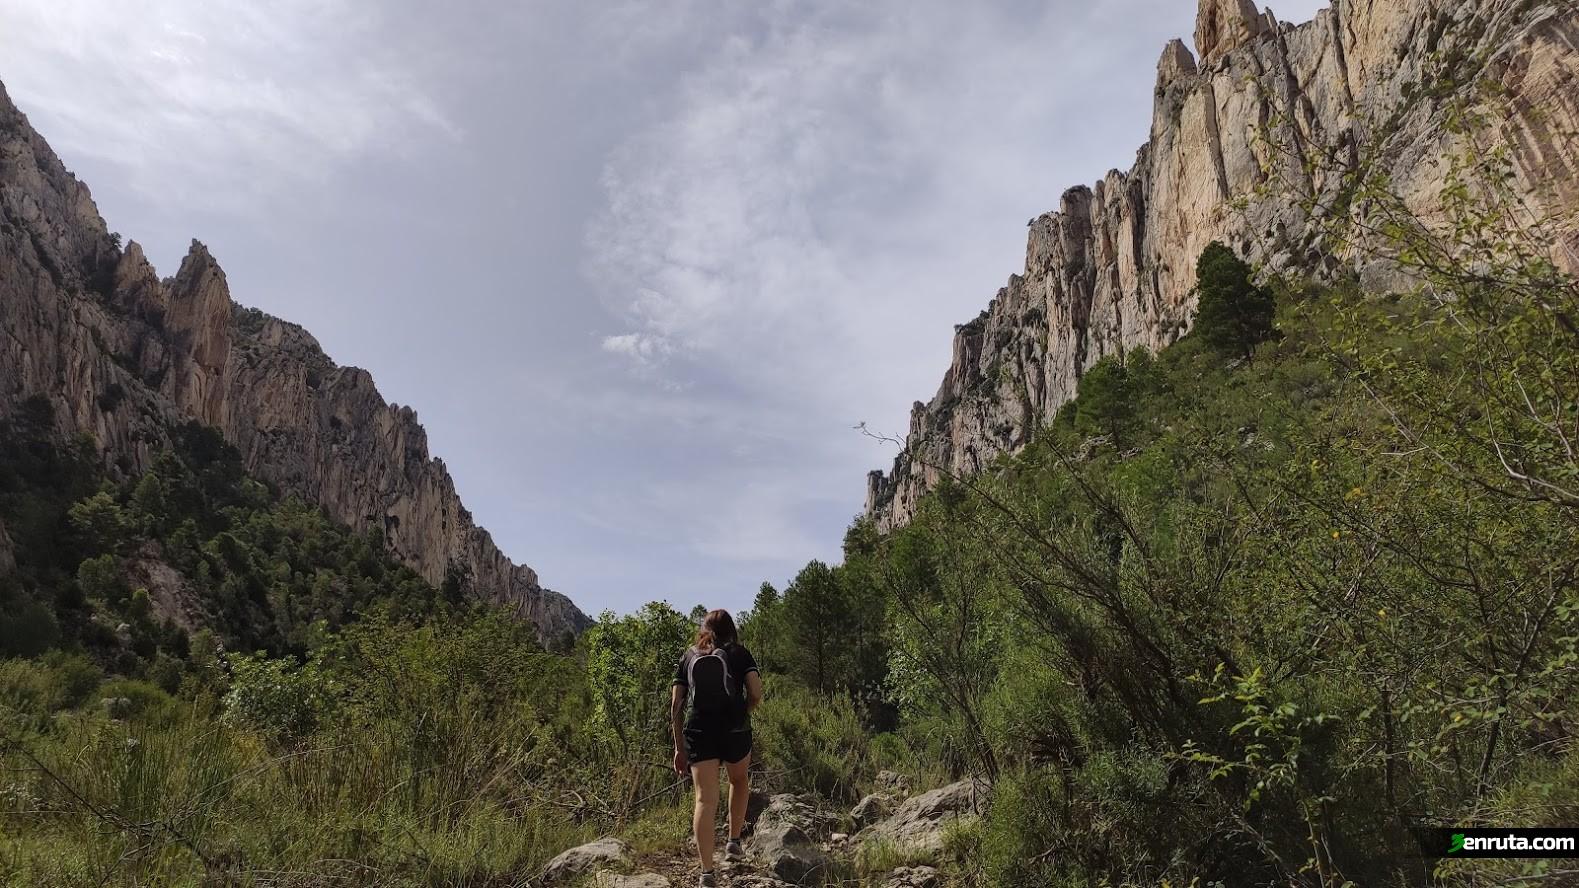 Ascenderemos por el Barranco de Valloré rodeados por auténticas murallas de roca